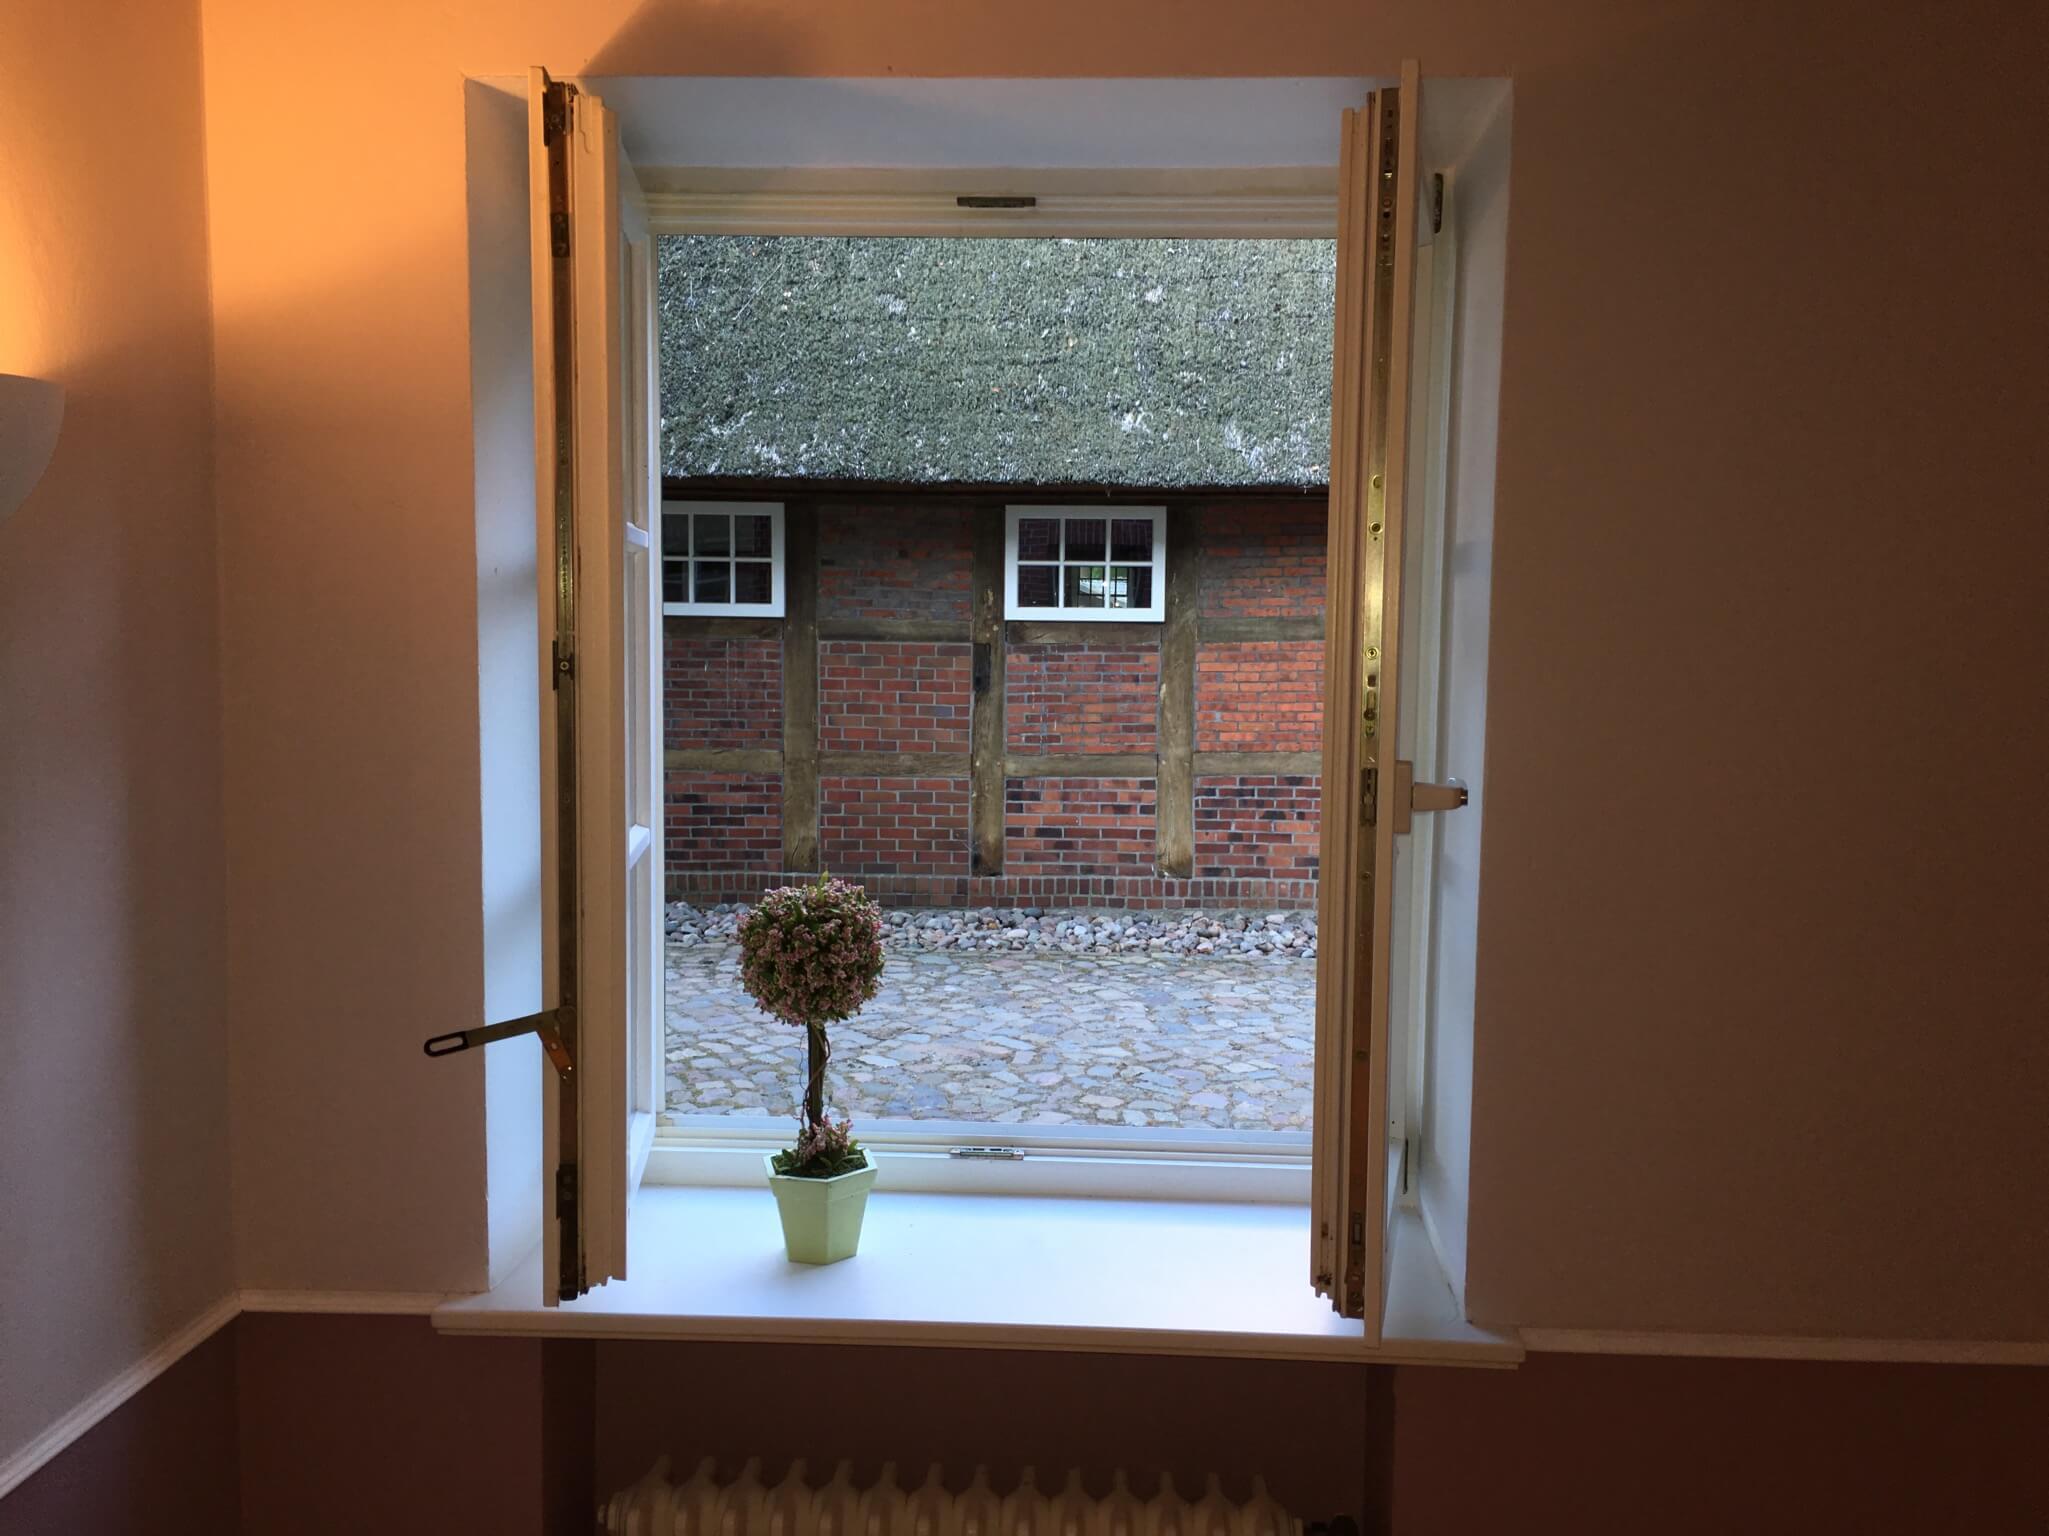 Ausblick aus dem Fenster aus der Ferienwohnung Cossma